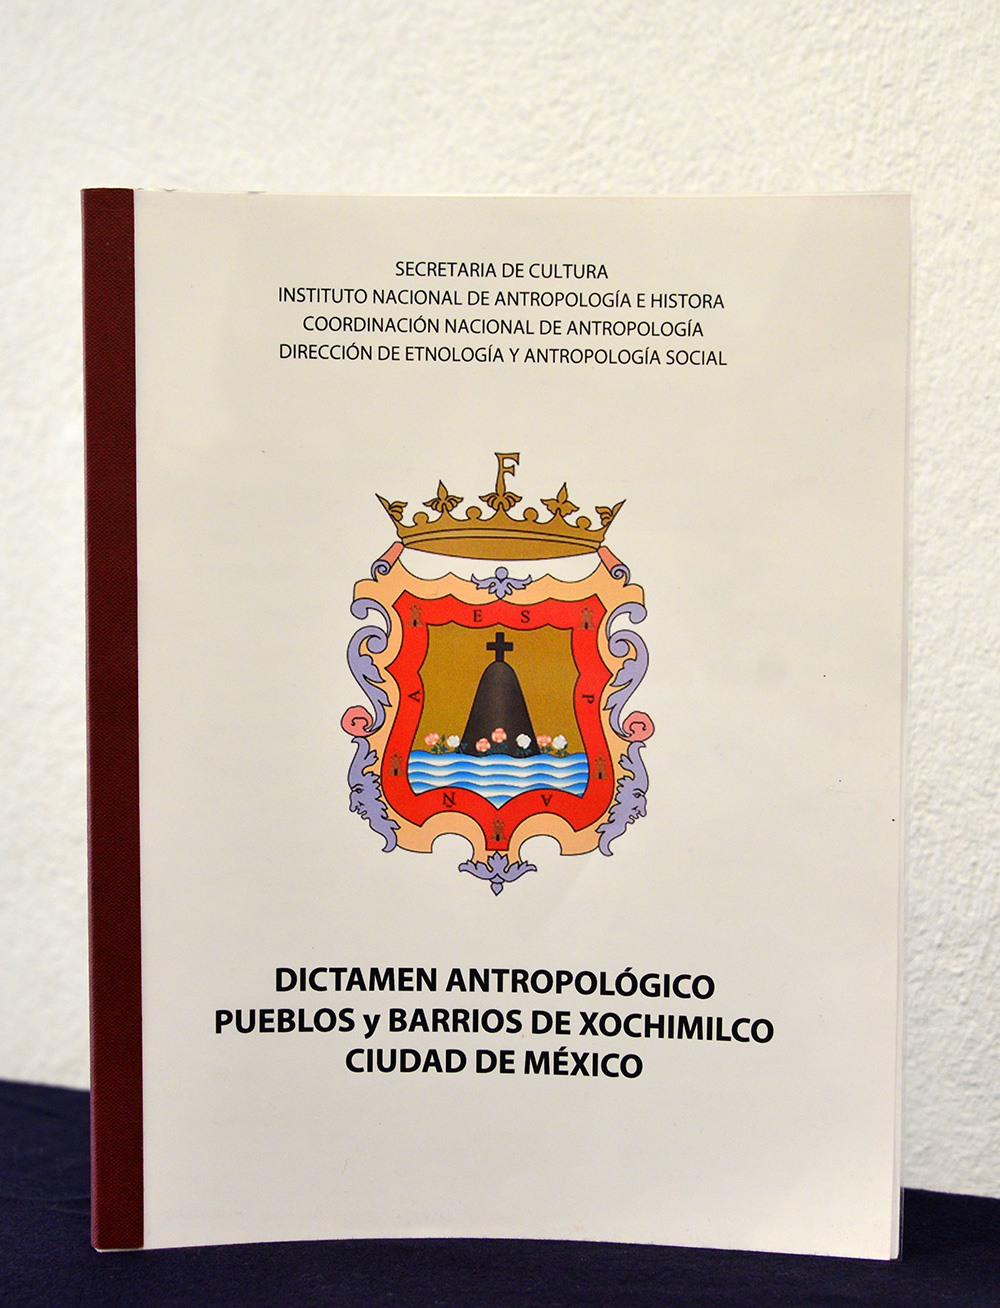 Entrega INAH peritaje antropológico sobre los pueblos y barrios de Xochimilco